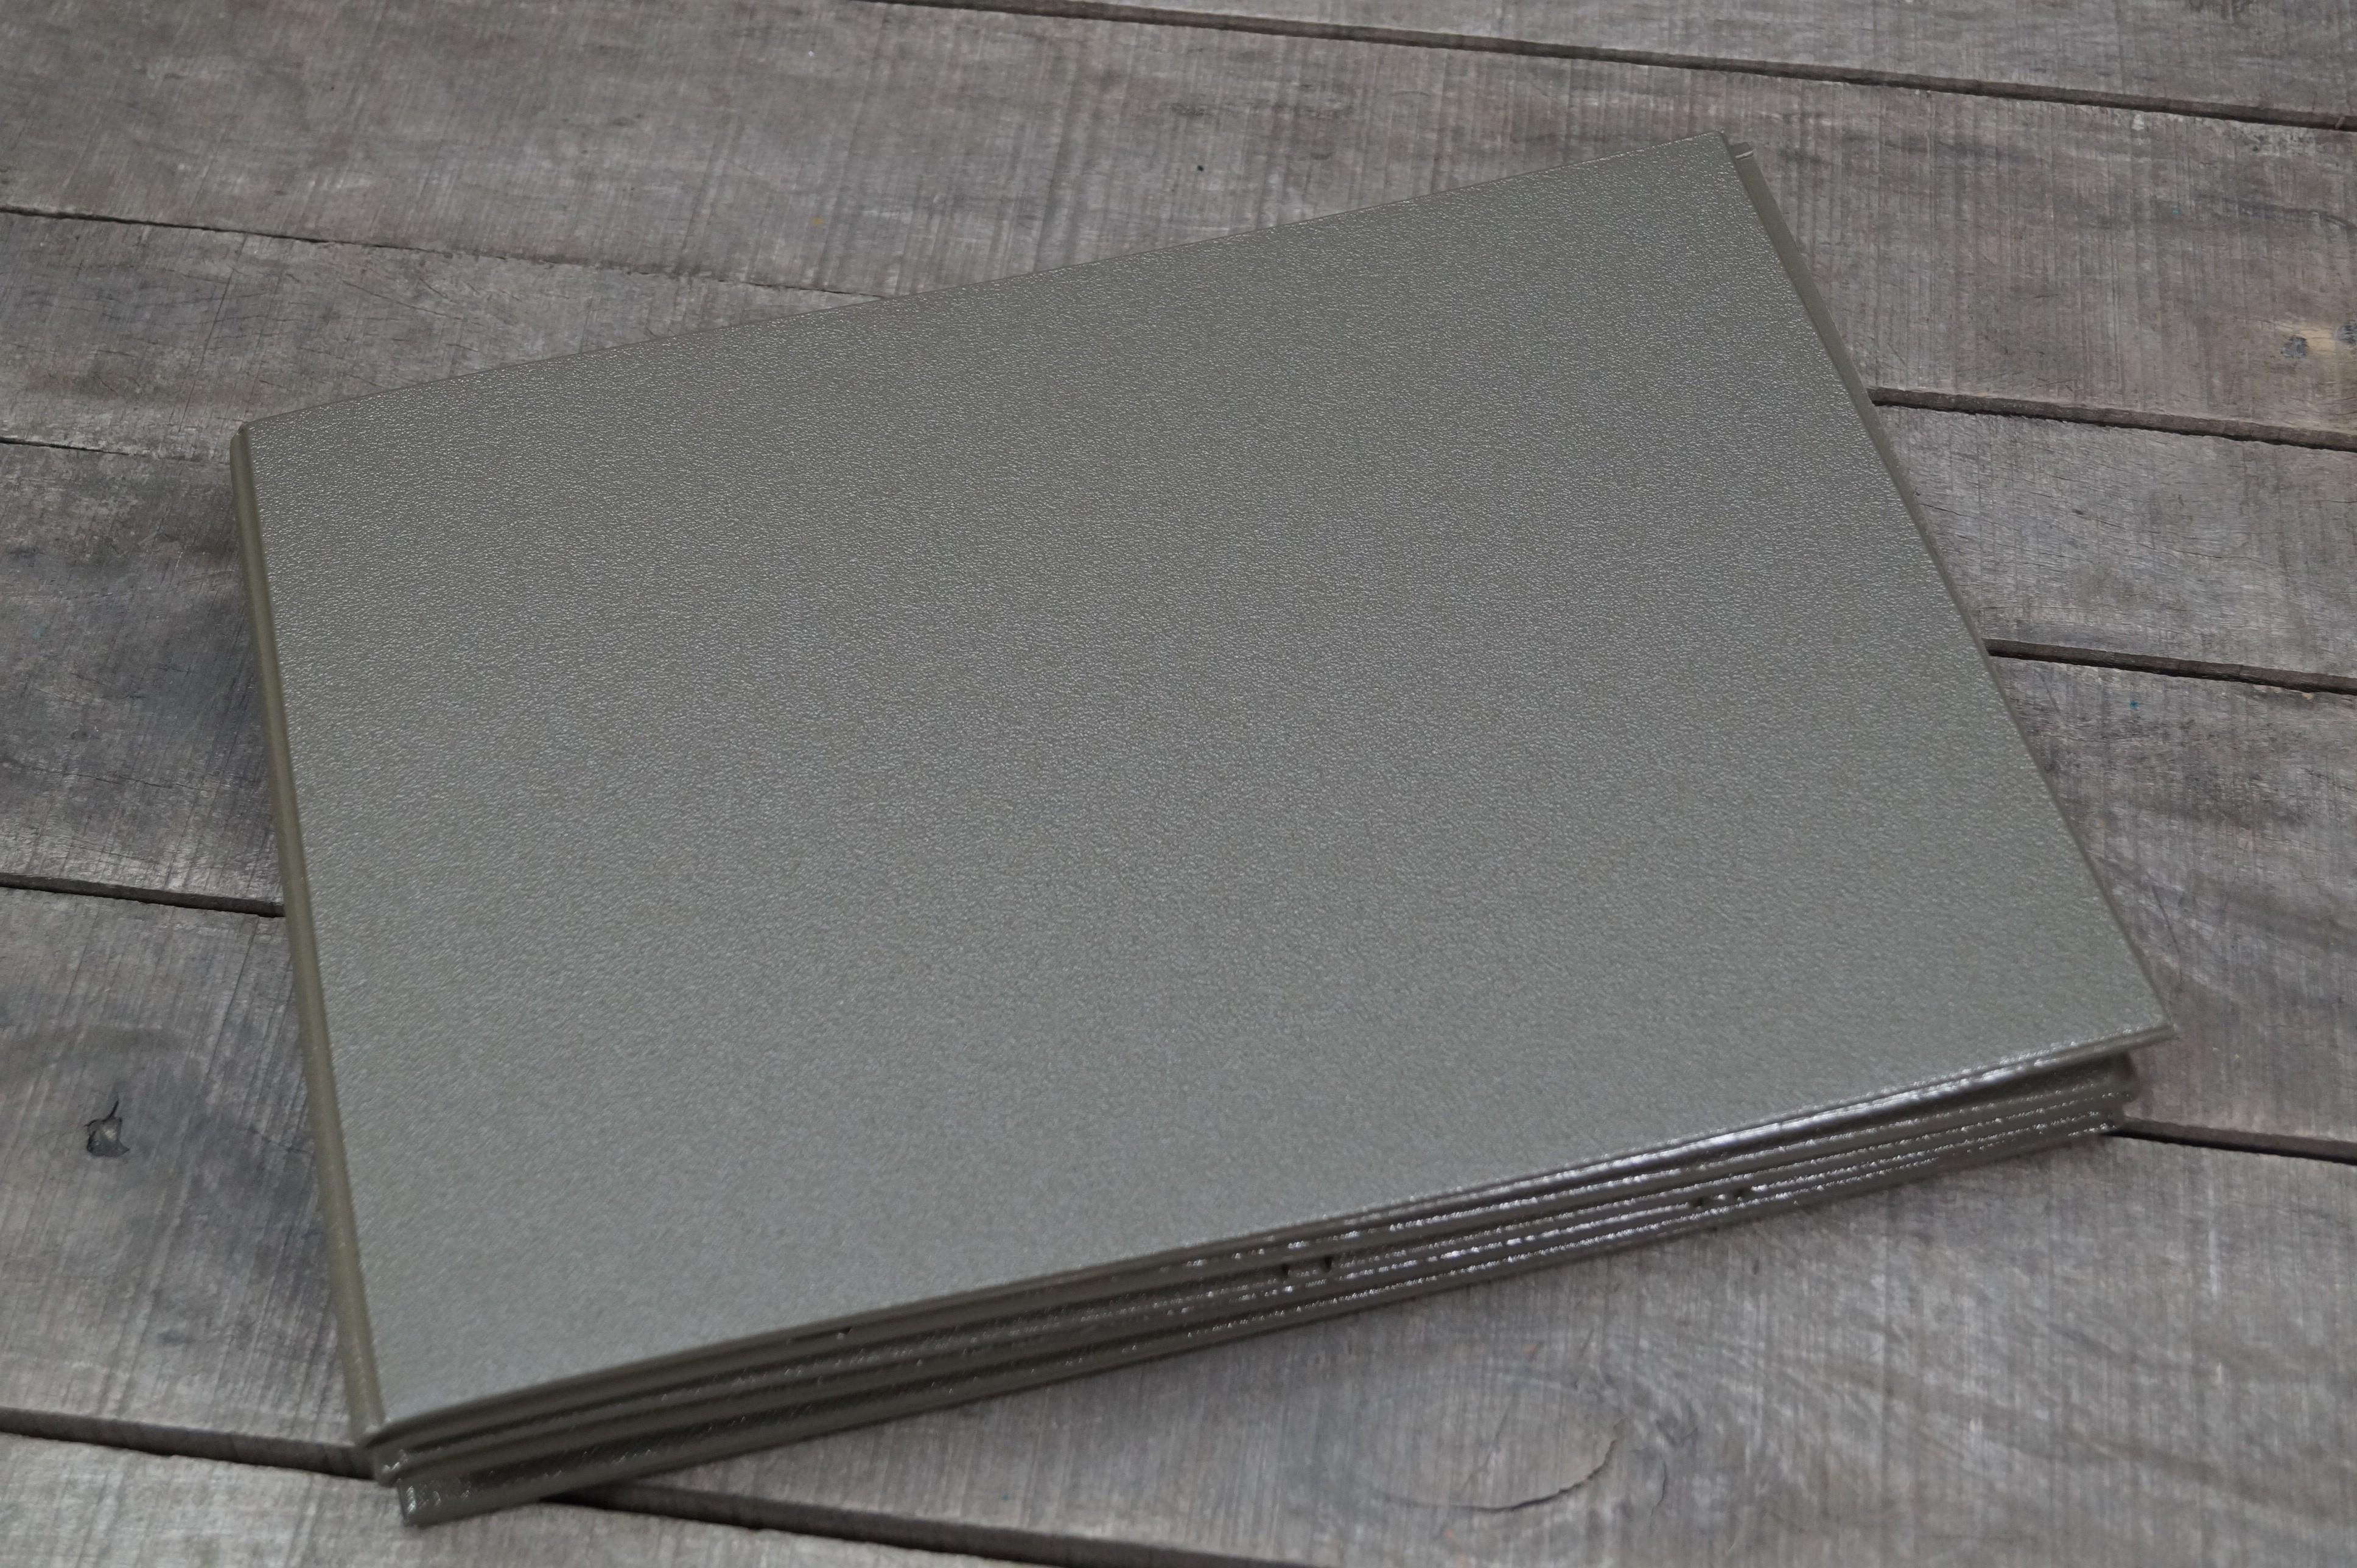 gebraucht oliv BW Isomatte faltbar